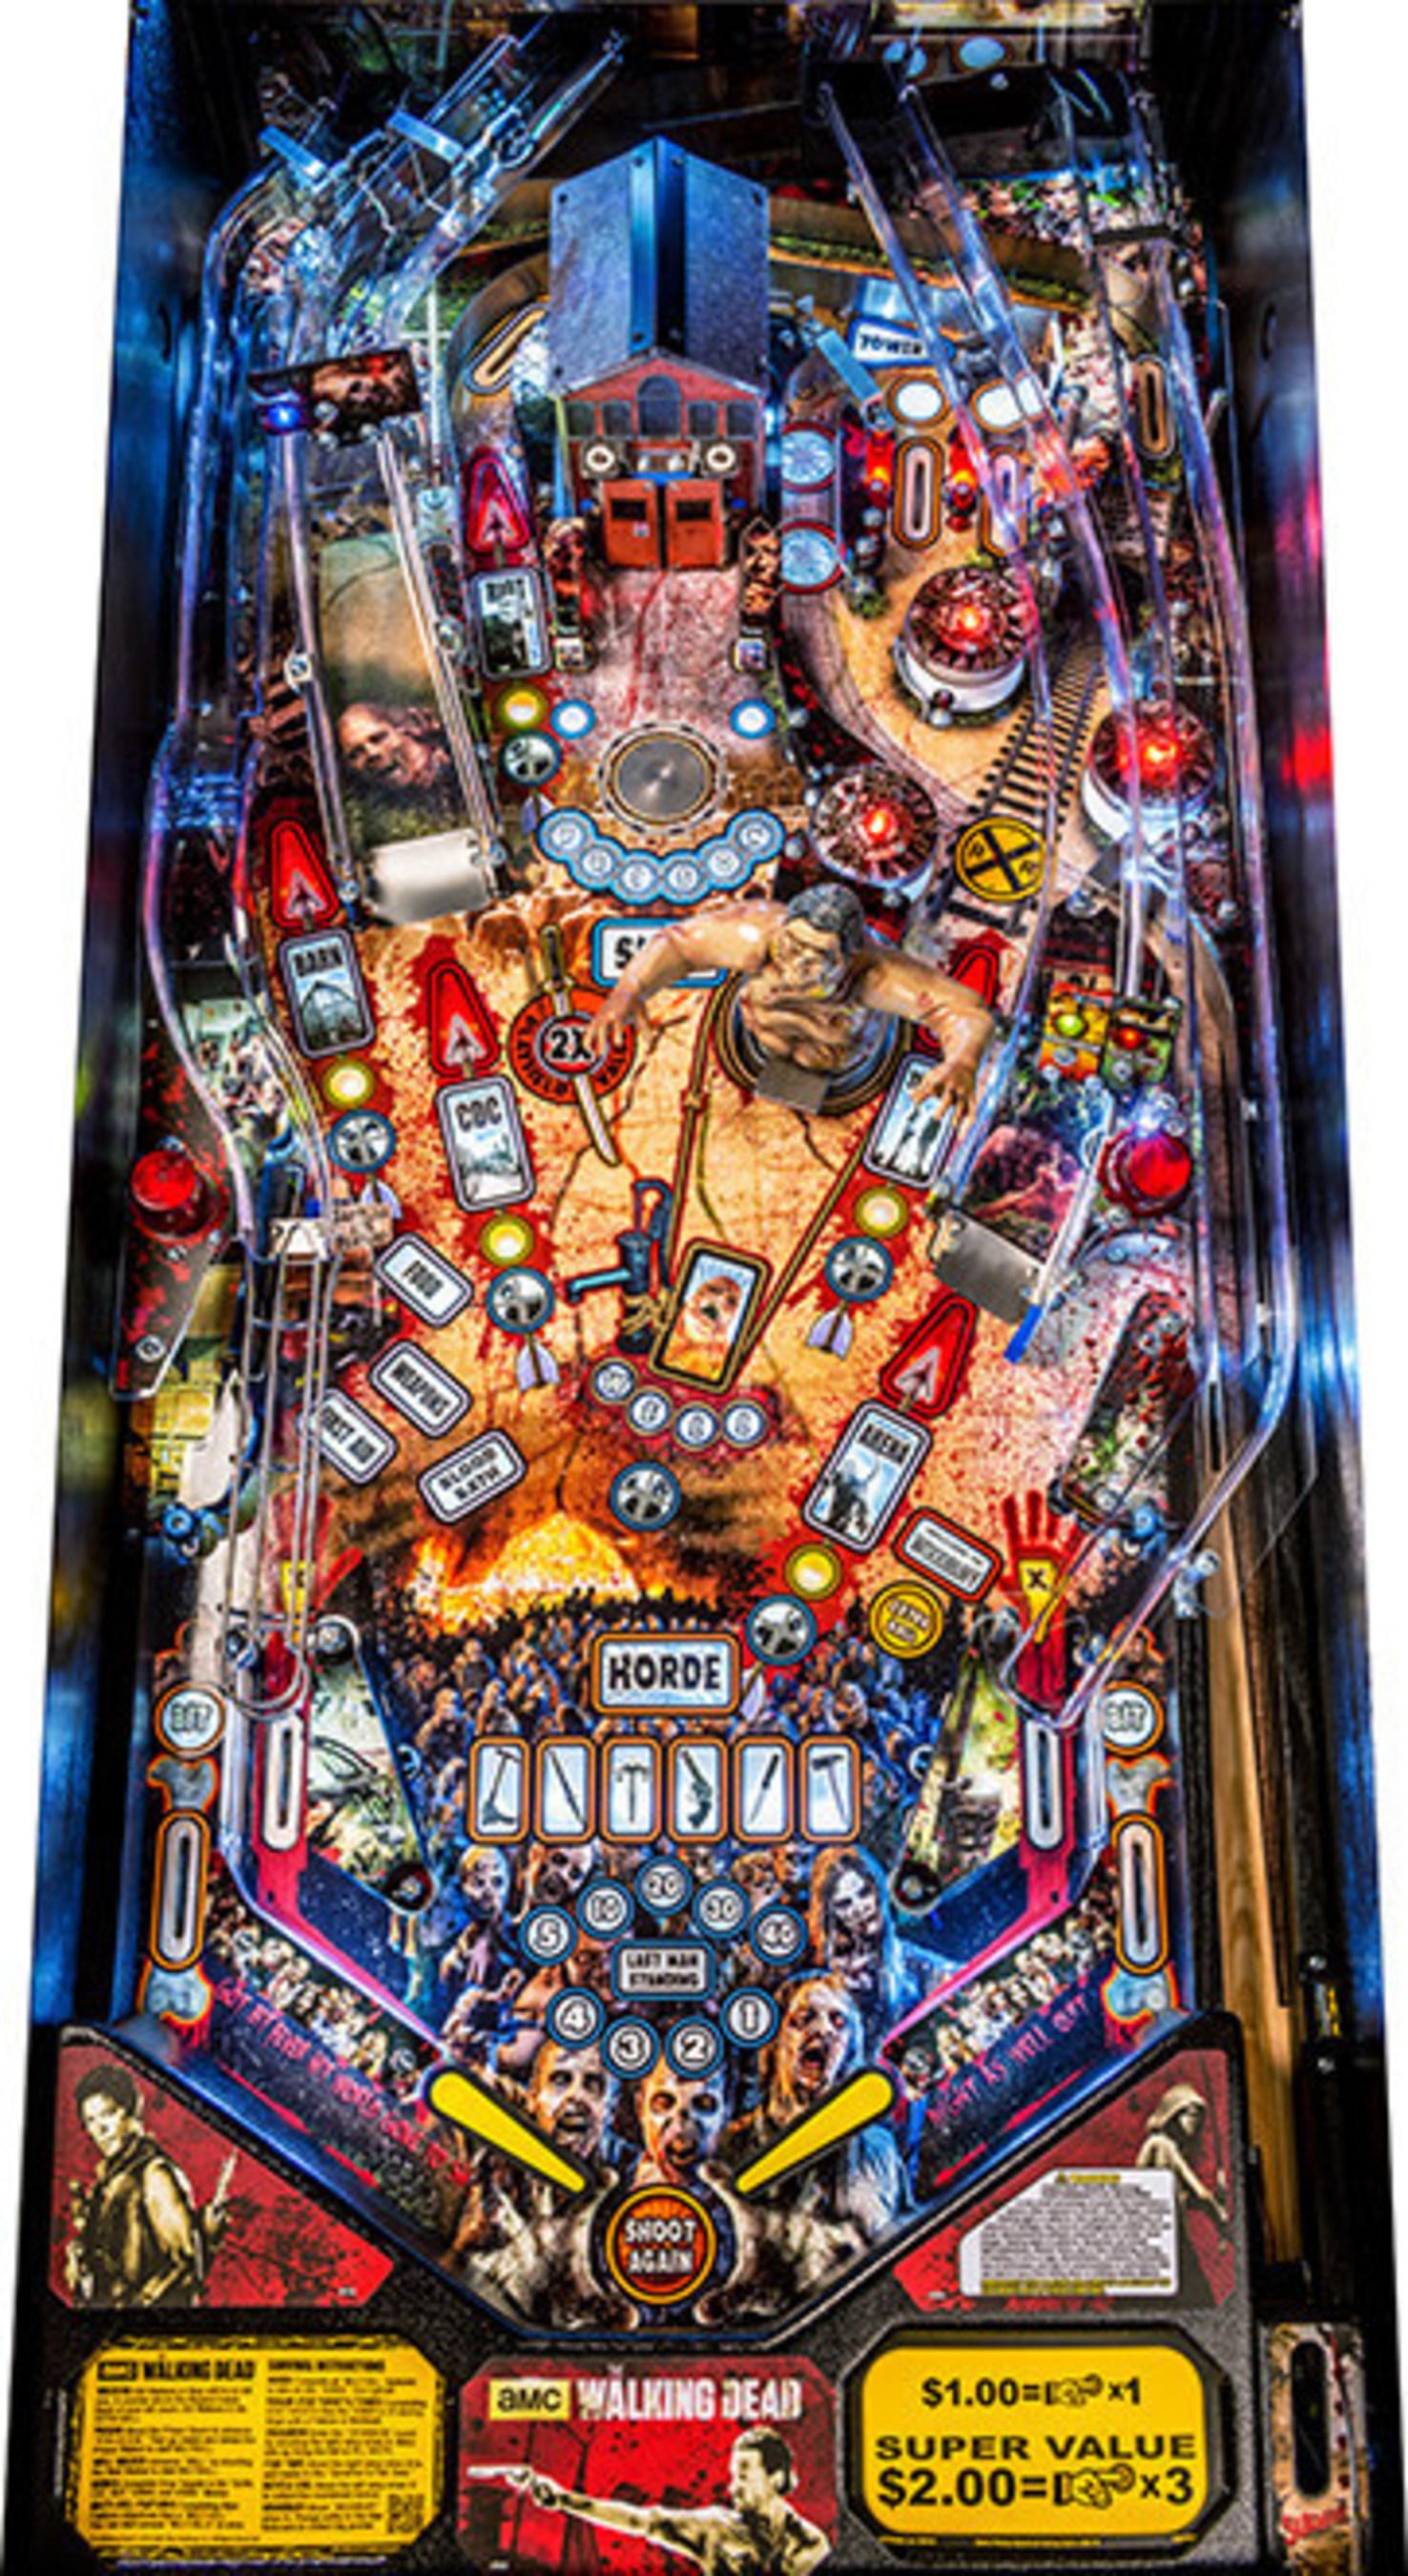 Stern Walking Dead Pro Playfield (PRNewsFoto/Stern Pinball, Inc.)